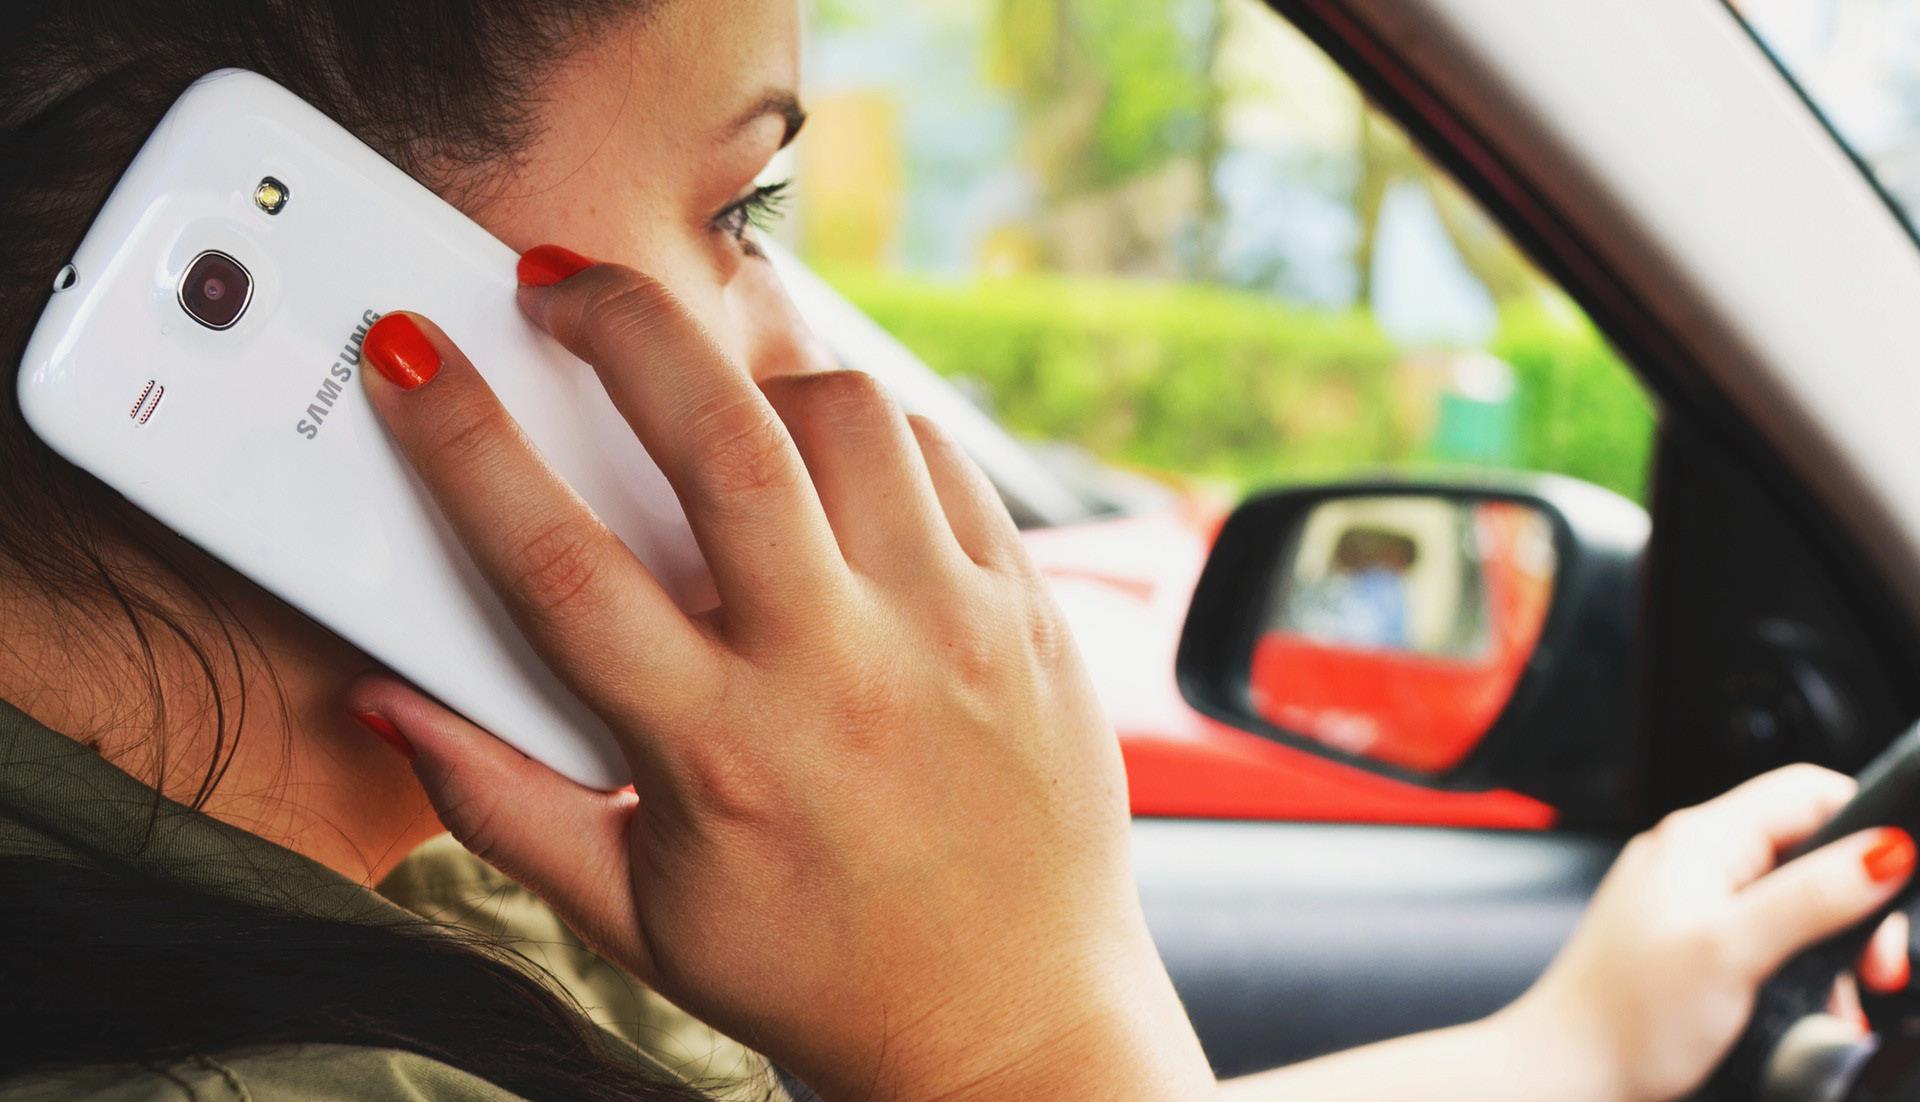 Le smartphone au volant, fléau de la route